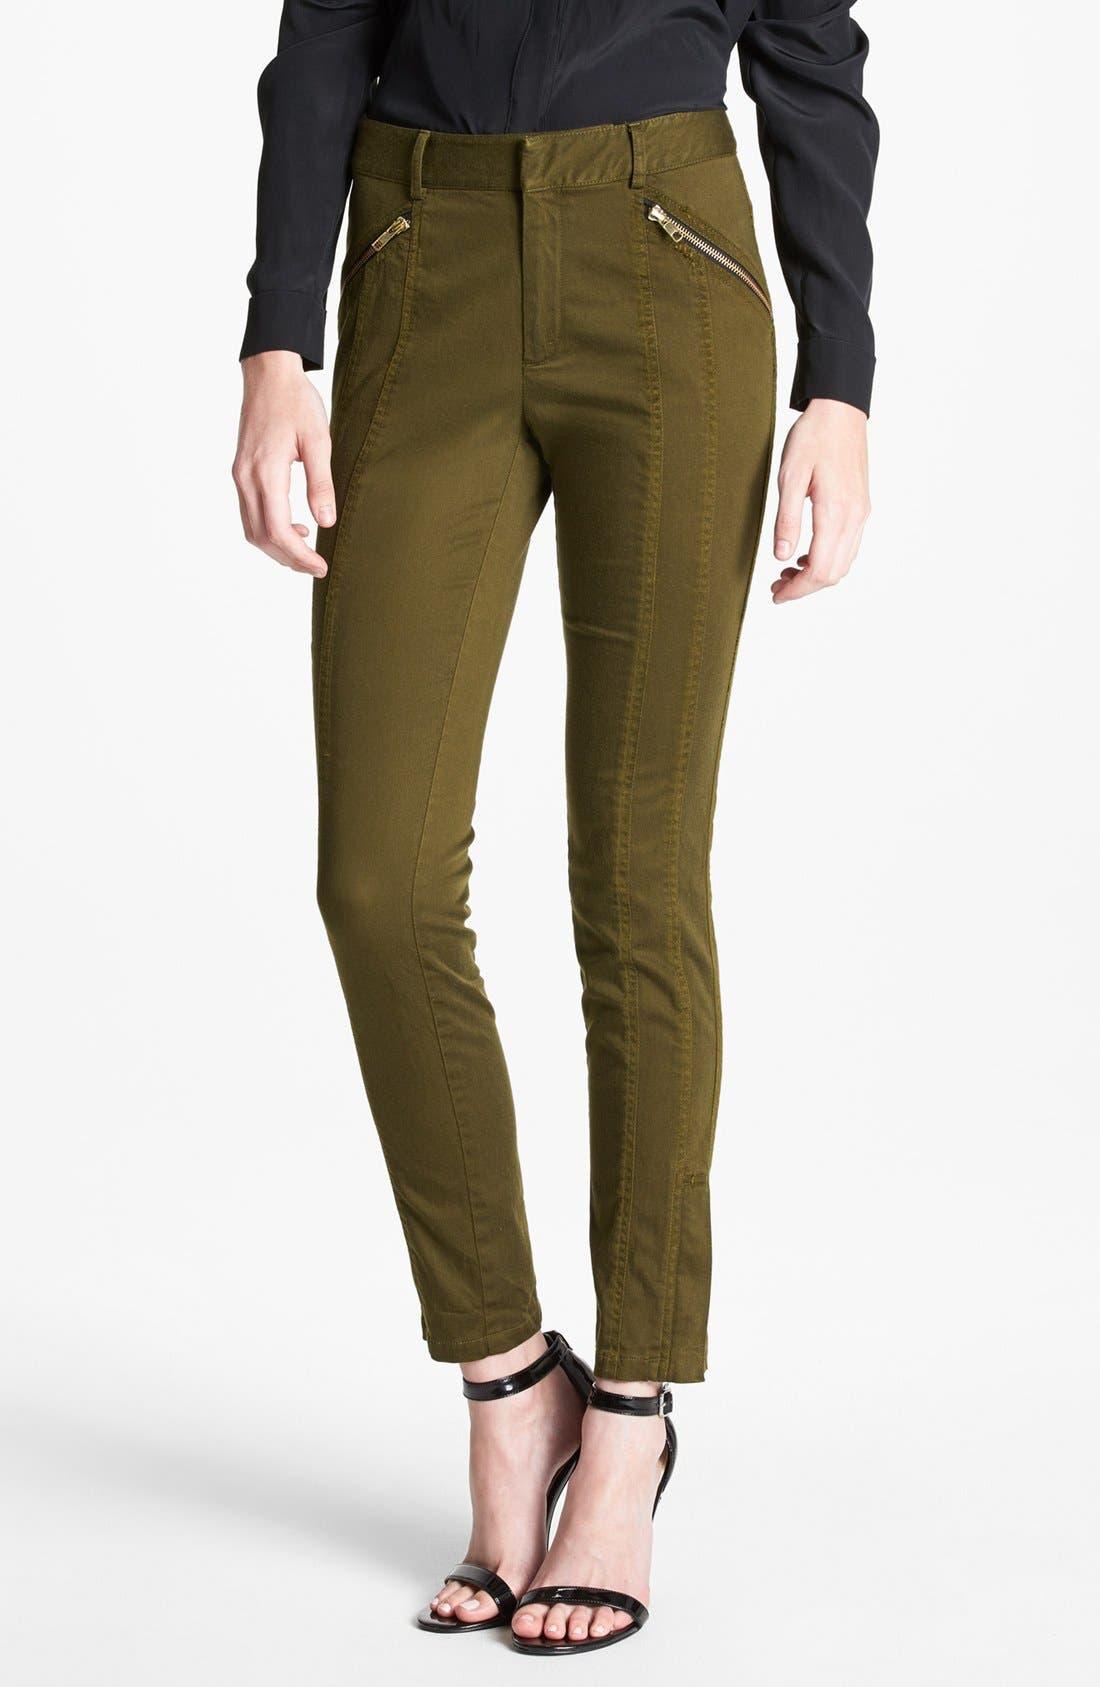 Alternate Image 1 Selected - Nanette Lepore 'Orbit' Seamed Skinny Pants